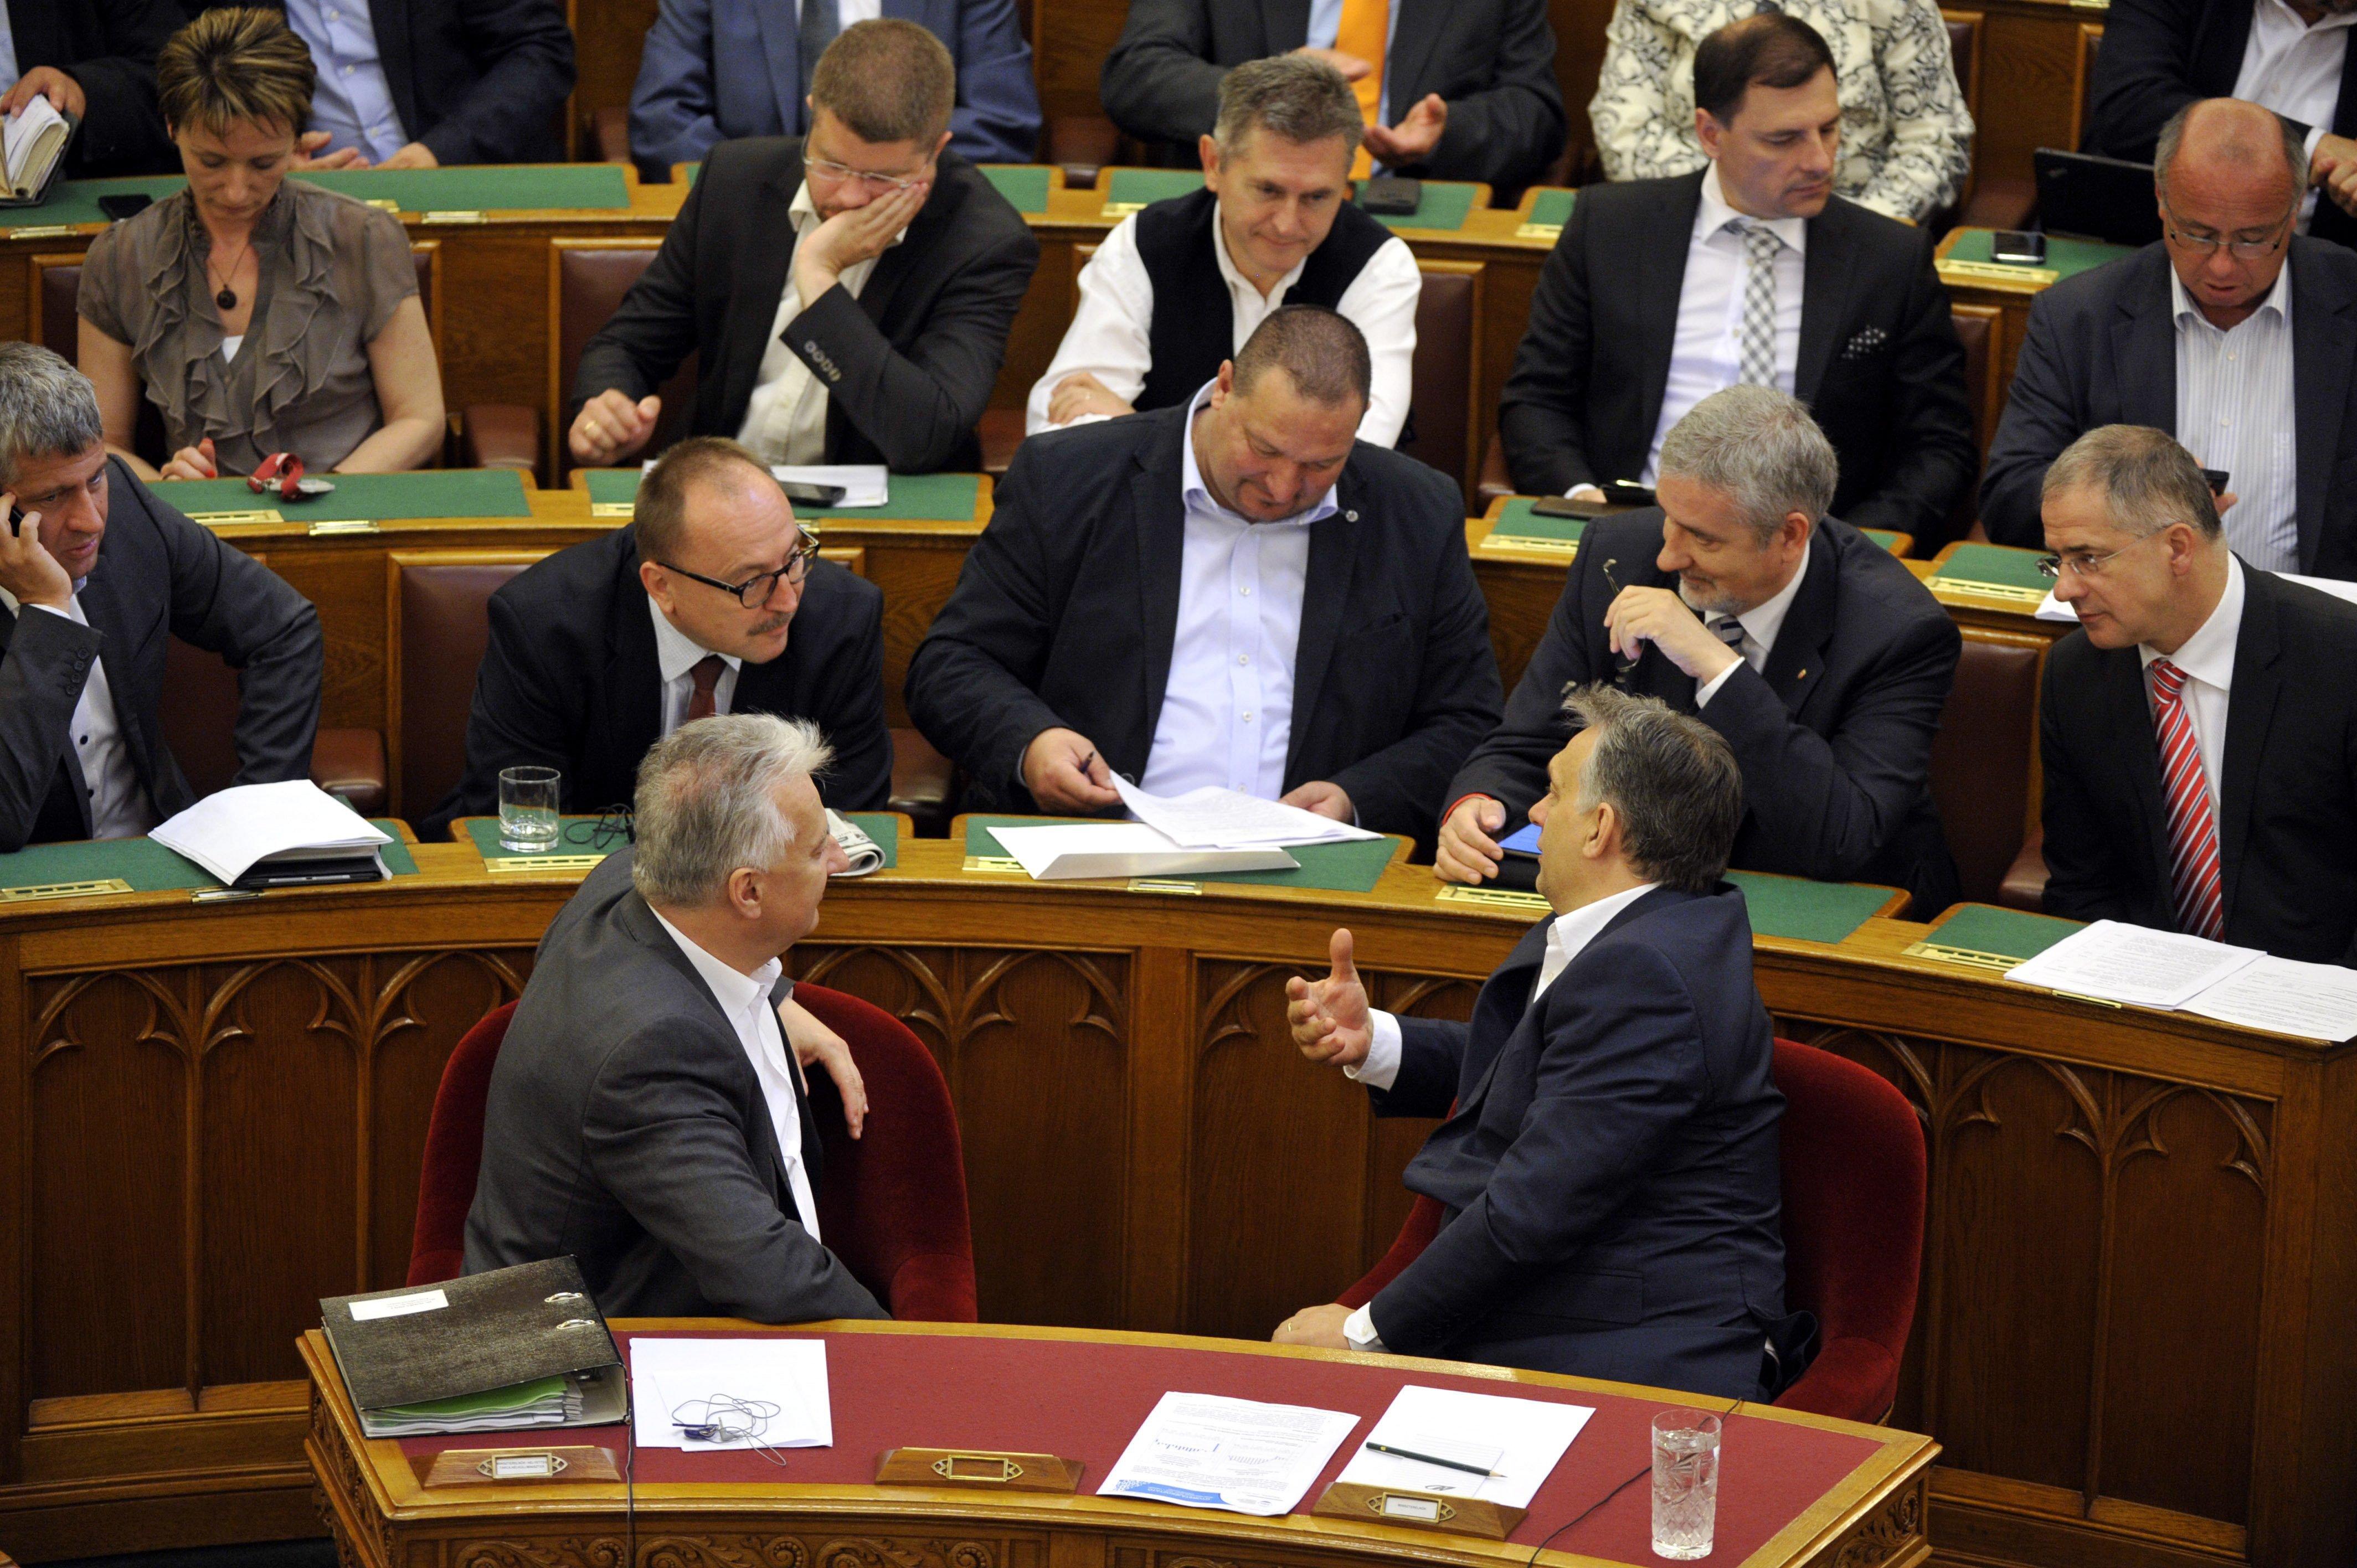 Azok a régi szép idők, amikor a Fidesz istenítette a most álcivillé minősített szervezeteket